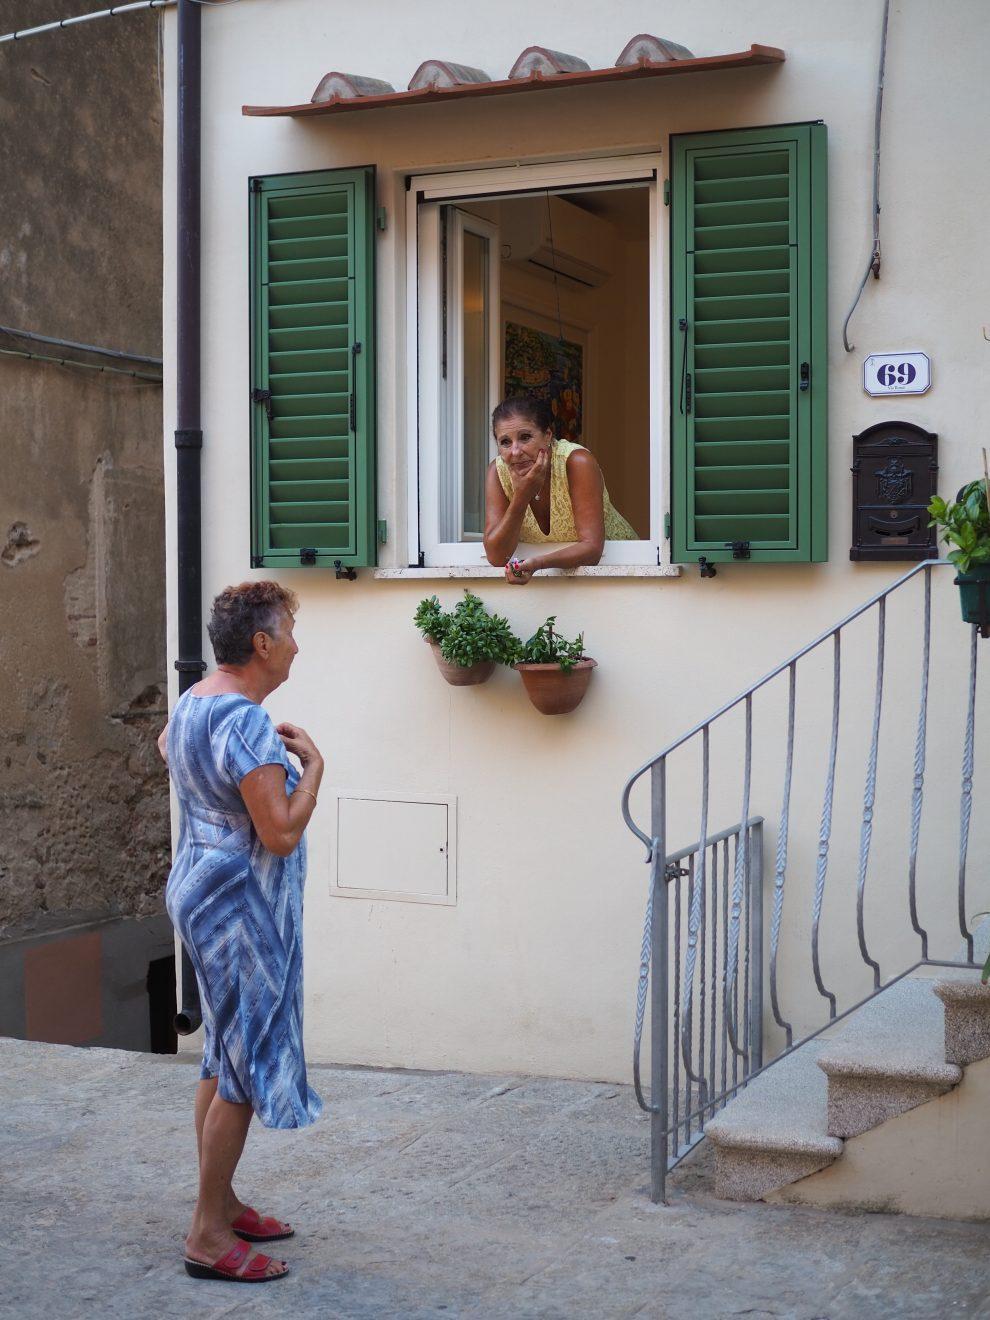 Vakantie opElba - Capoliveri;het leukste dorp van Elba - dingen doen op Elba